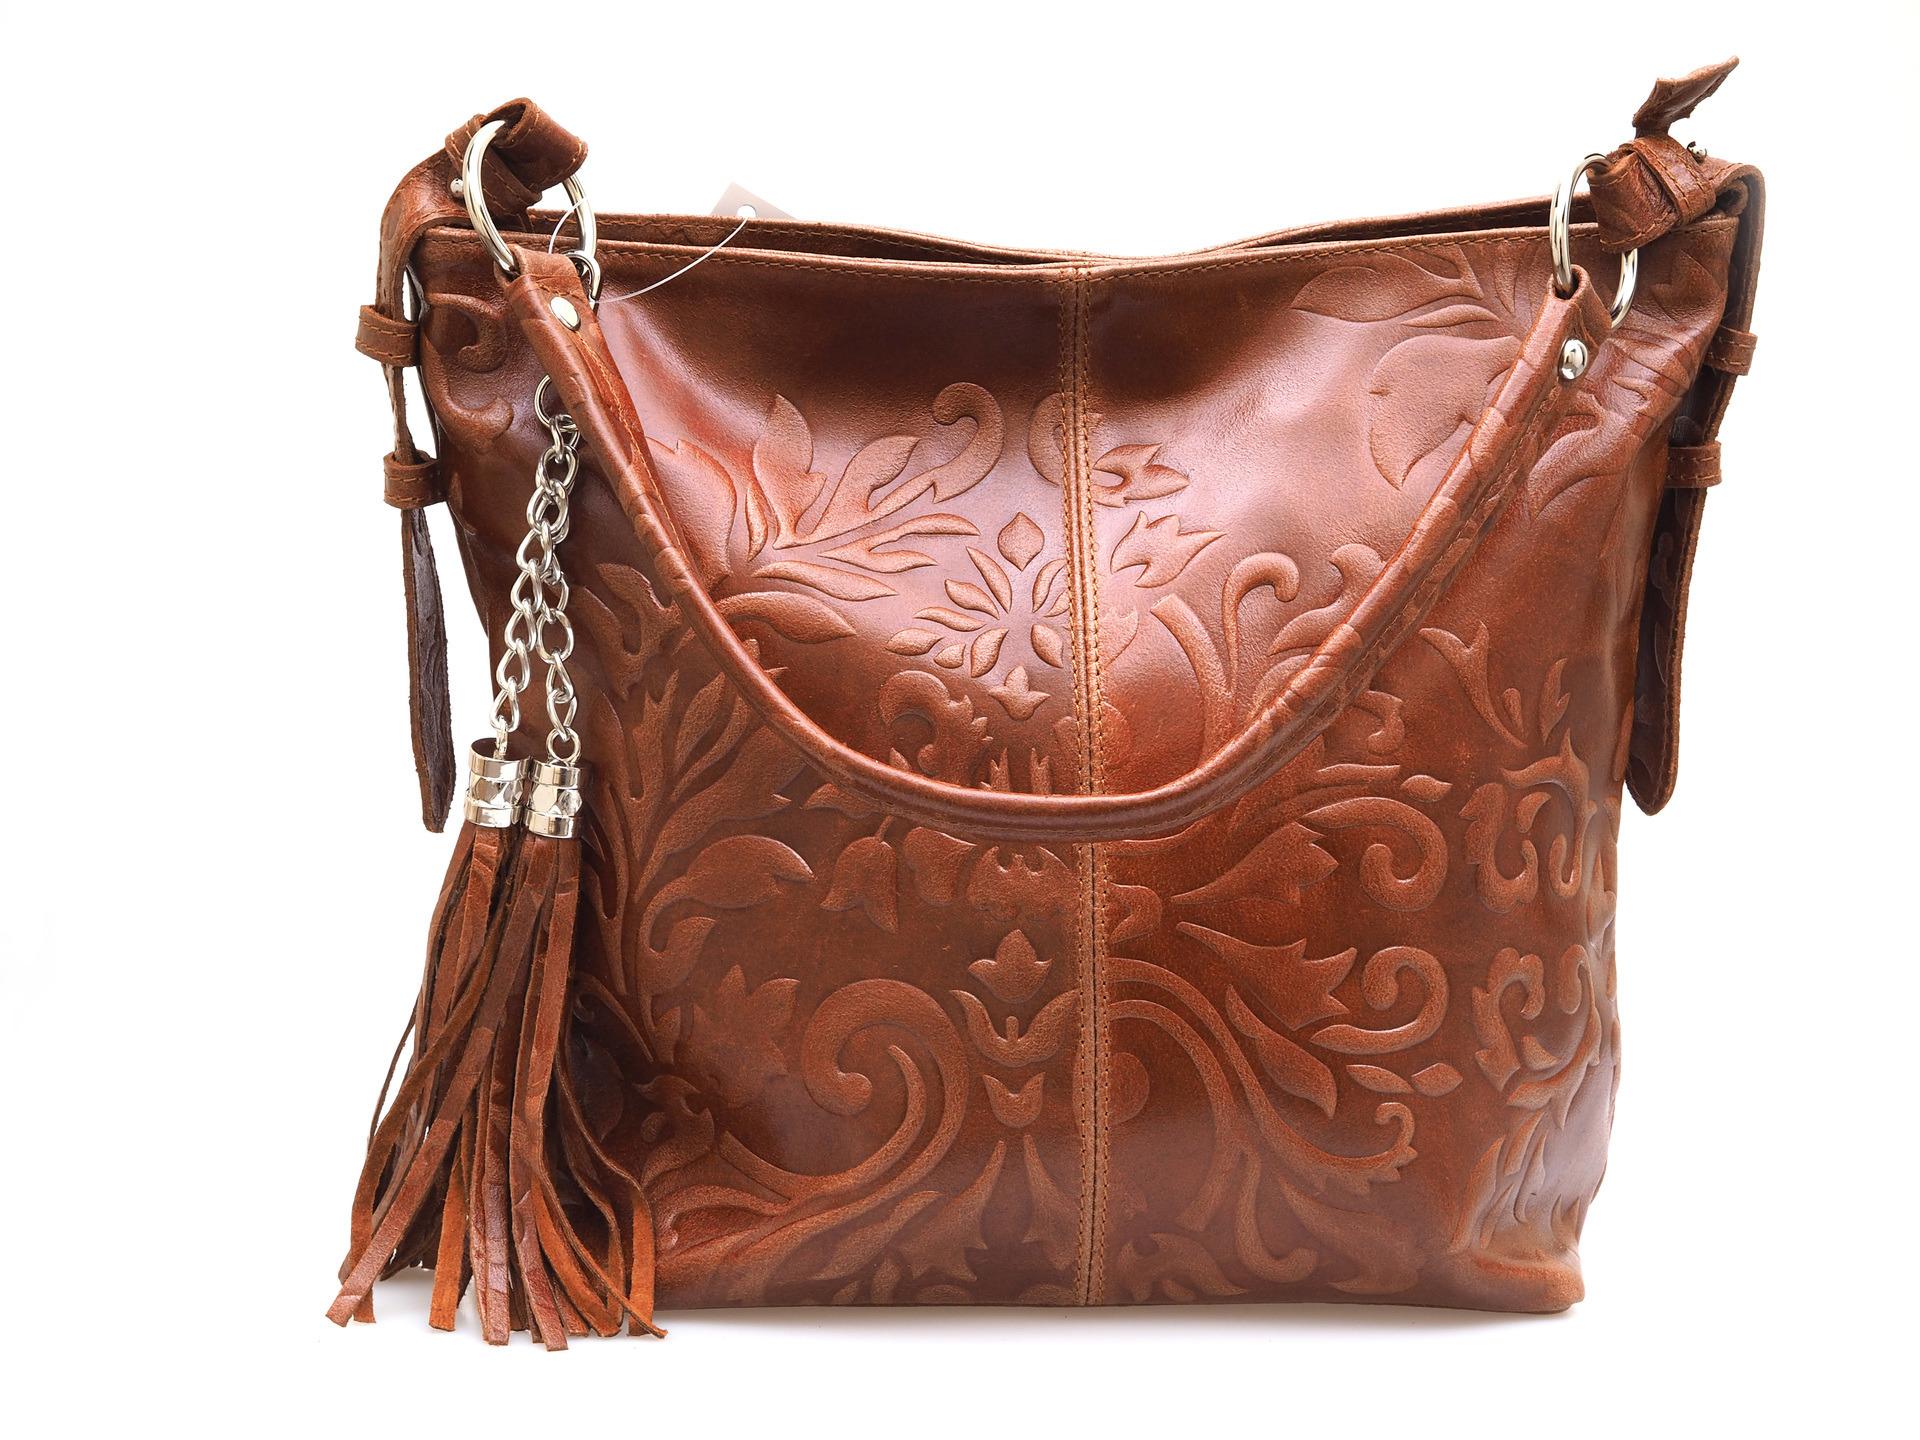 Soňa - Dámska - Dámske kabelky - Hnedá dámska kabelka cez plece 82b9cbb1fca